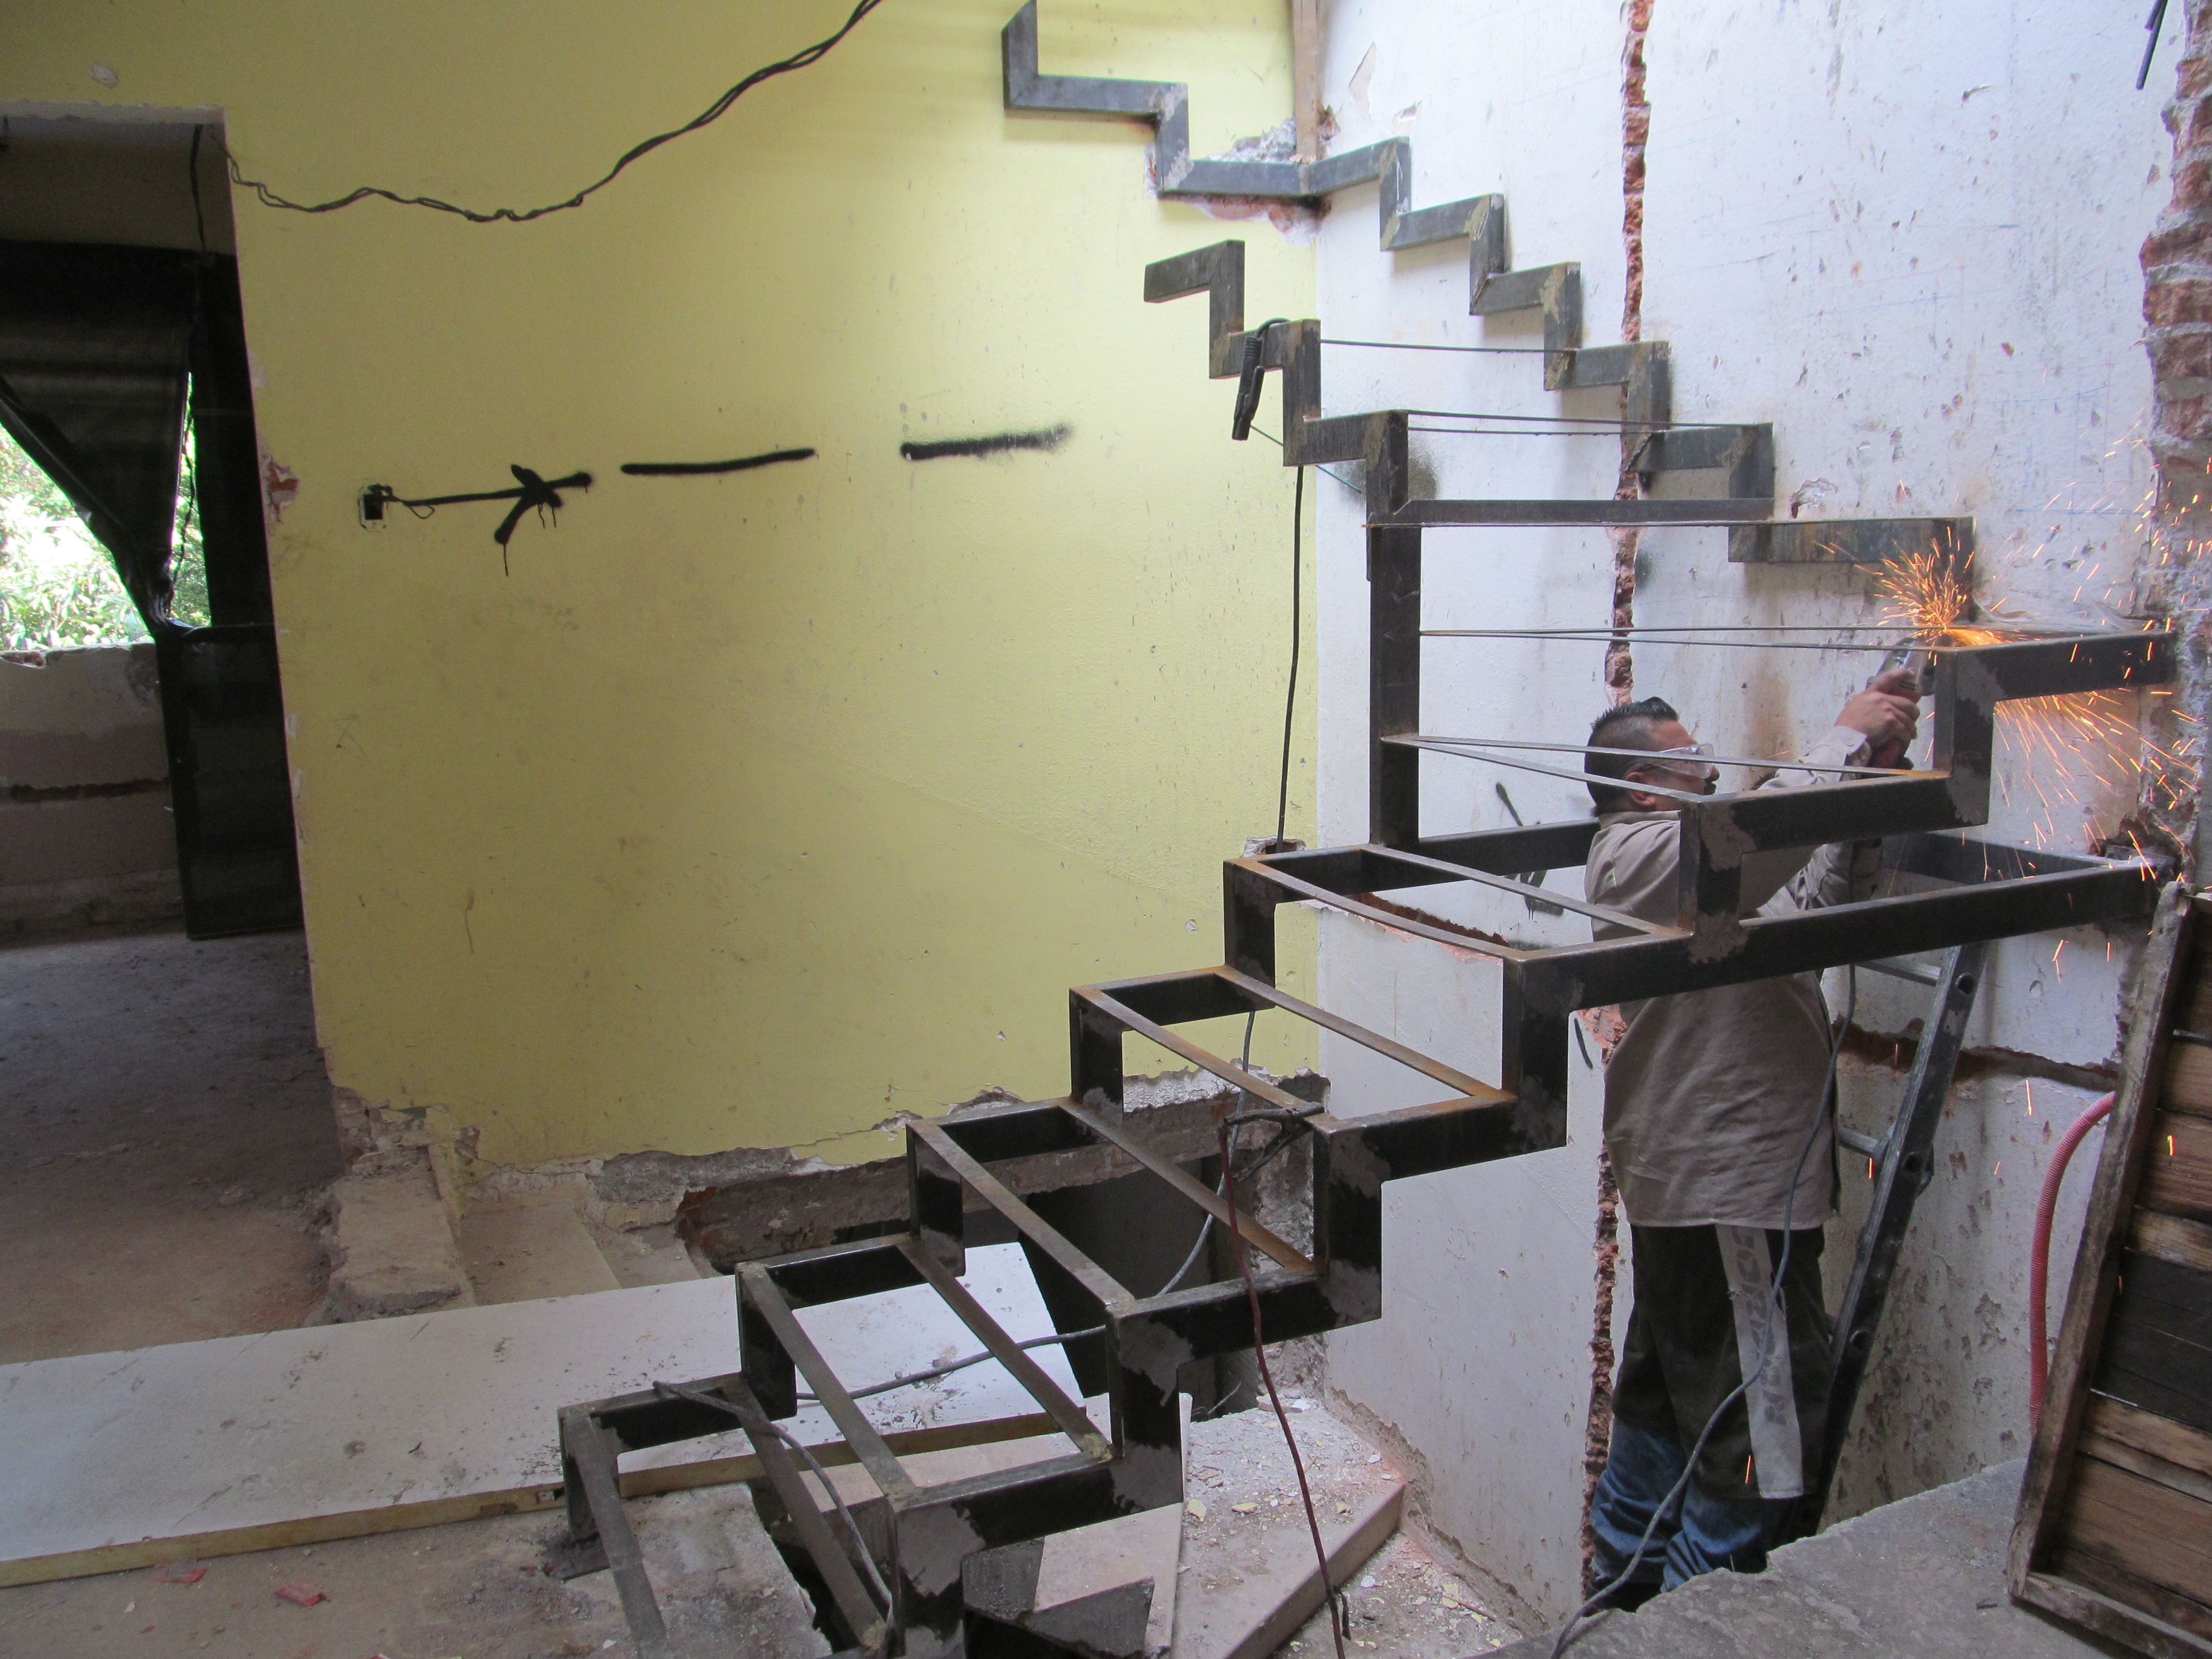 escalera de metal uu